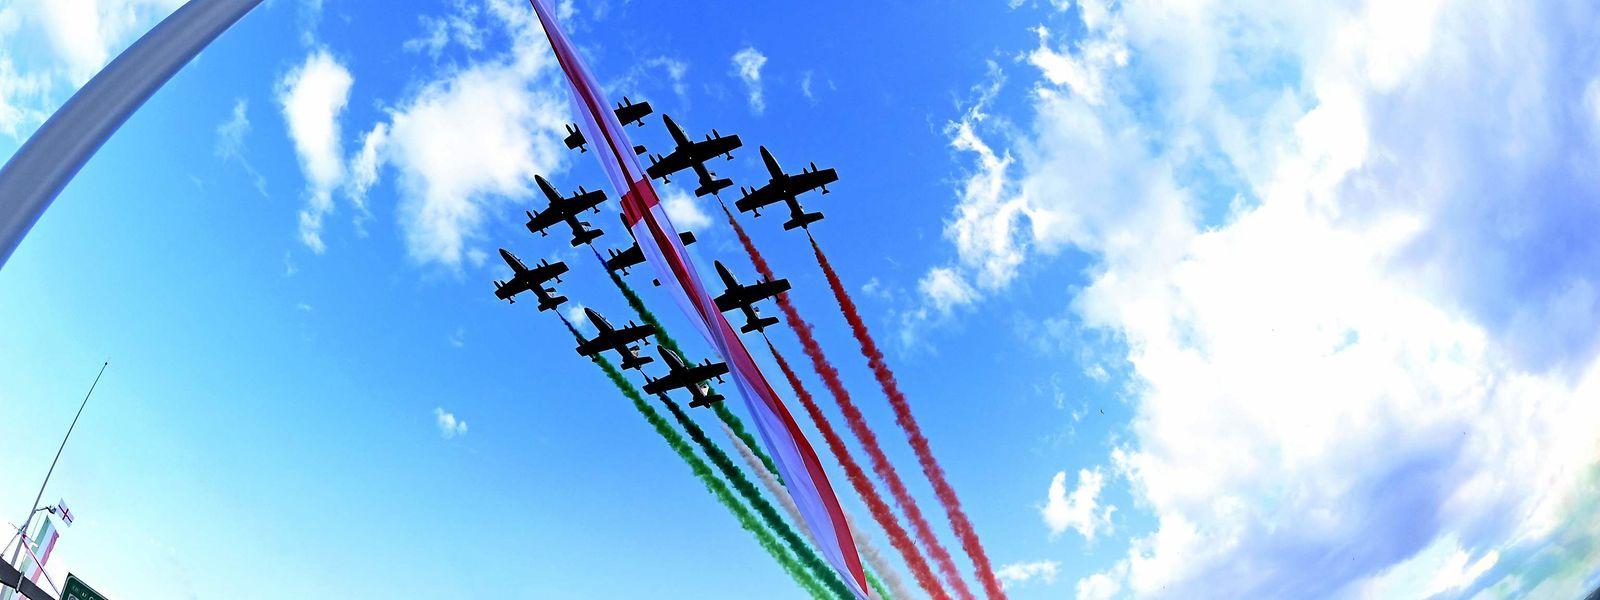 Italienische Kampfjets während einer Einlage zur Eröffnung der neuen San-Giorgio-Brücke in Genua.